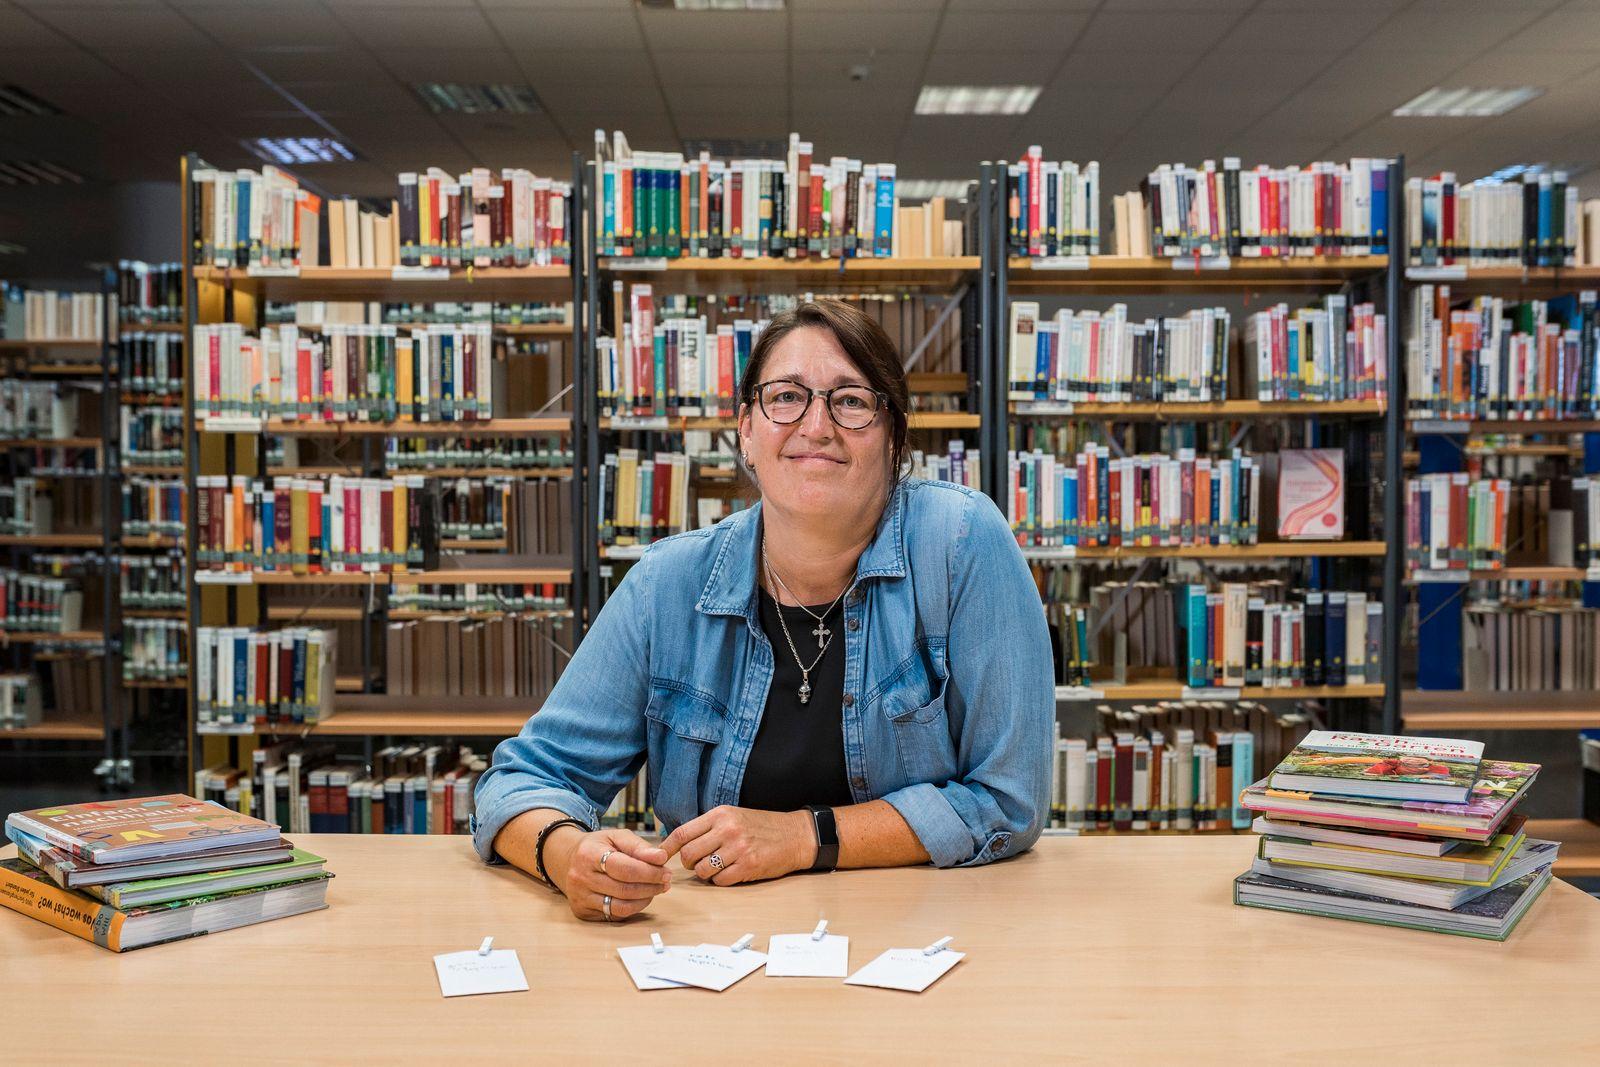 Melanie Heine, Leiterin der Stadtbibliothek in Castrop-Rauxel